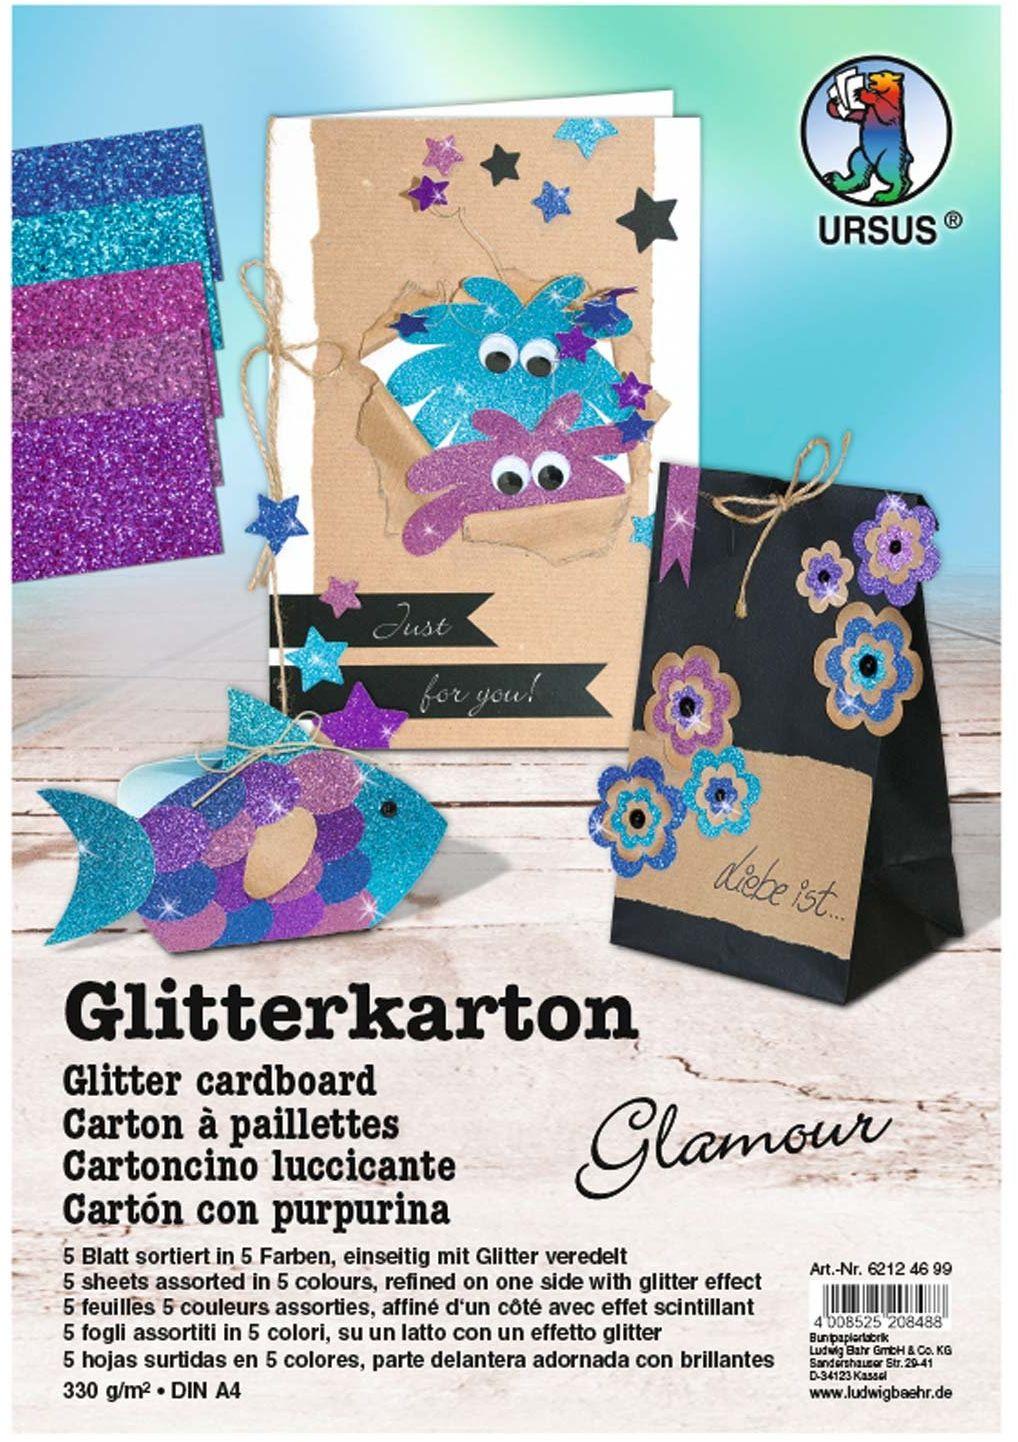 Ursus 62124699F brokatowy karton Glamour, DIN A4, 330 g/m , 5 arkuszy, sortowane w 5 kolorach, wielokolorowe